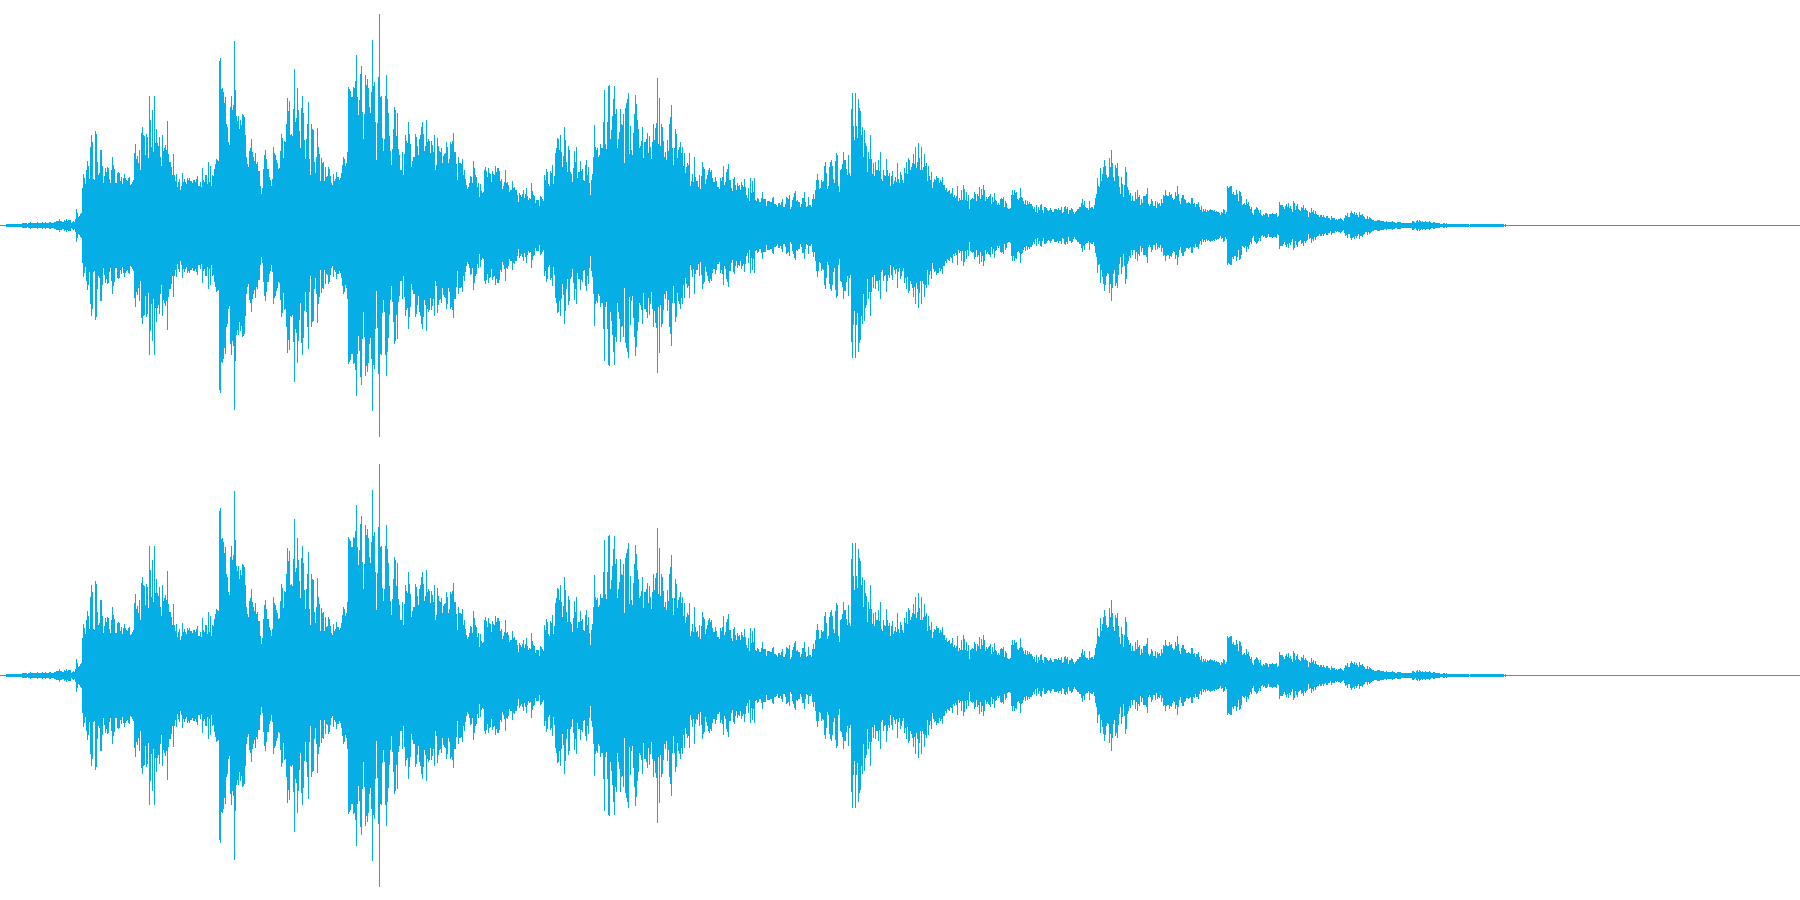 キラキラ_ベルの音の再生済みの波形